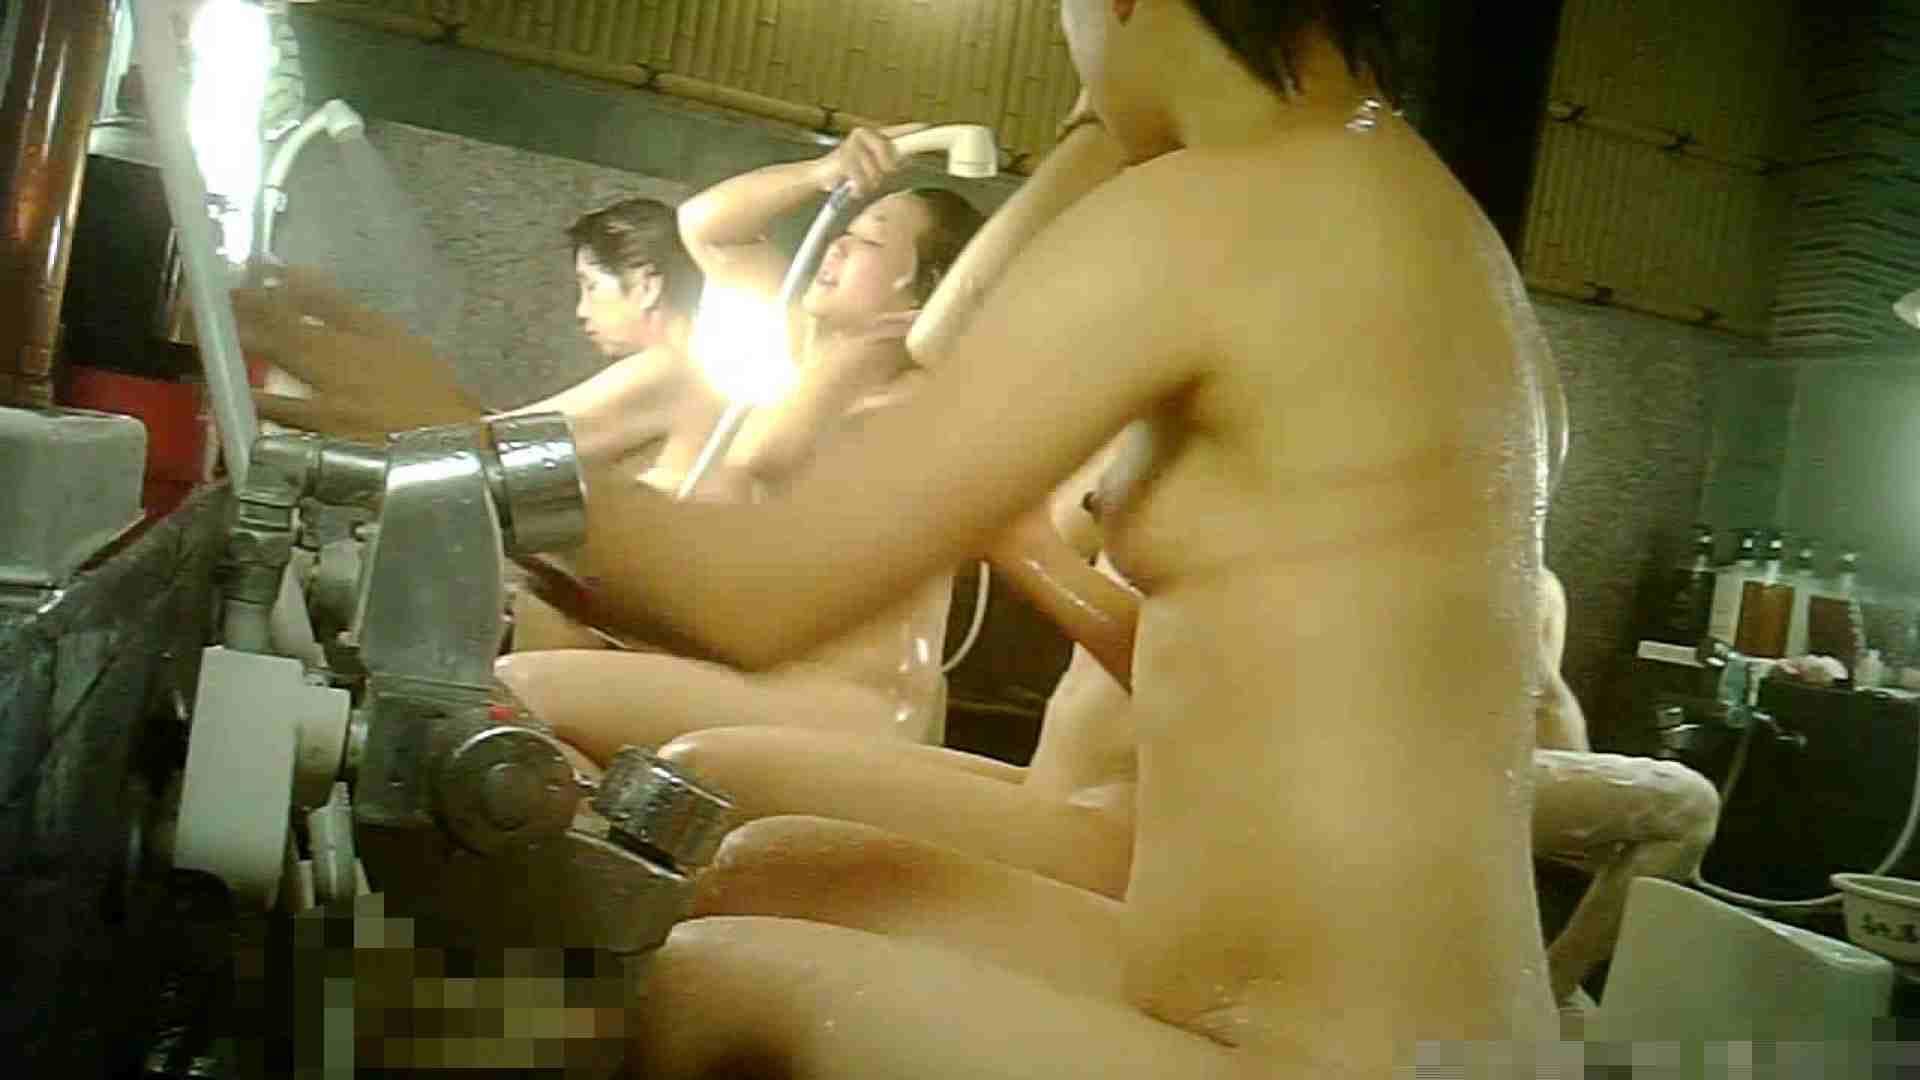 手を染めてしまった女性盗撮師の女風呂潜入記 vol.006 盗撮師作品  97pic 42